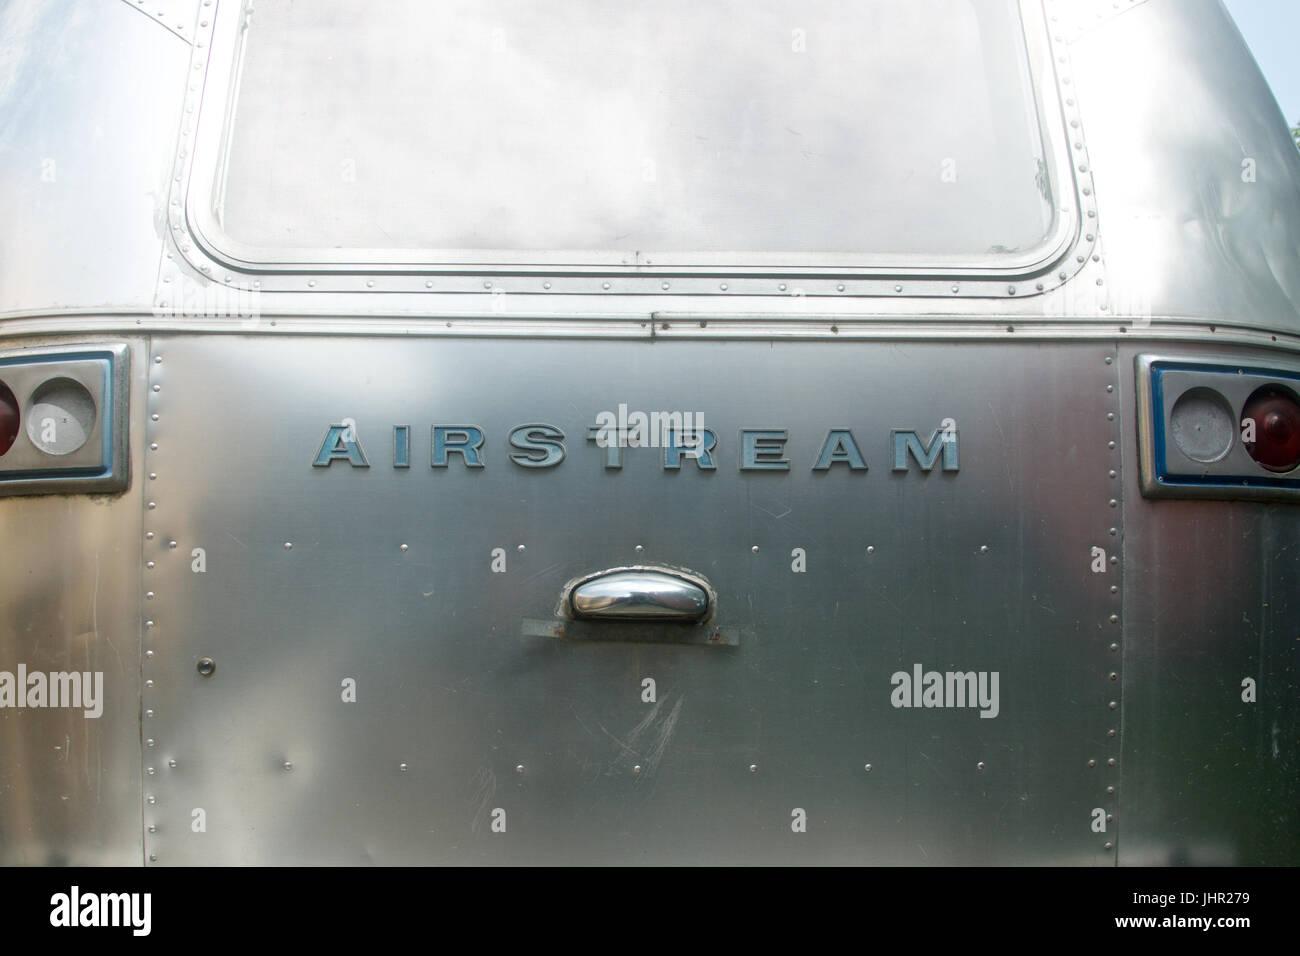 Girato a tenuta del vecchio logo Airstream. Immagini Stock